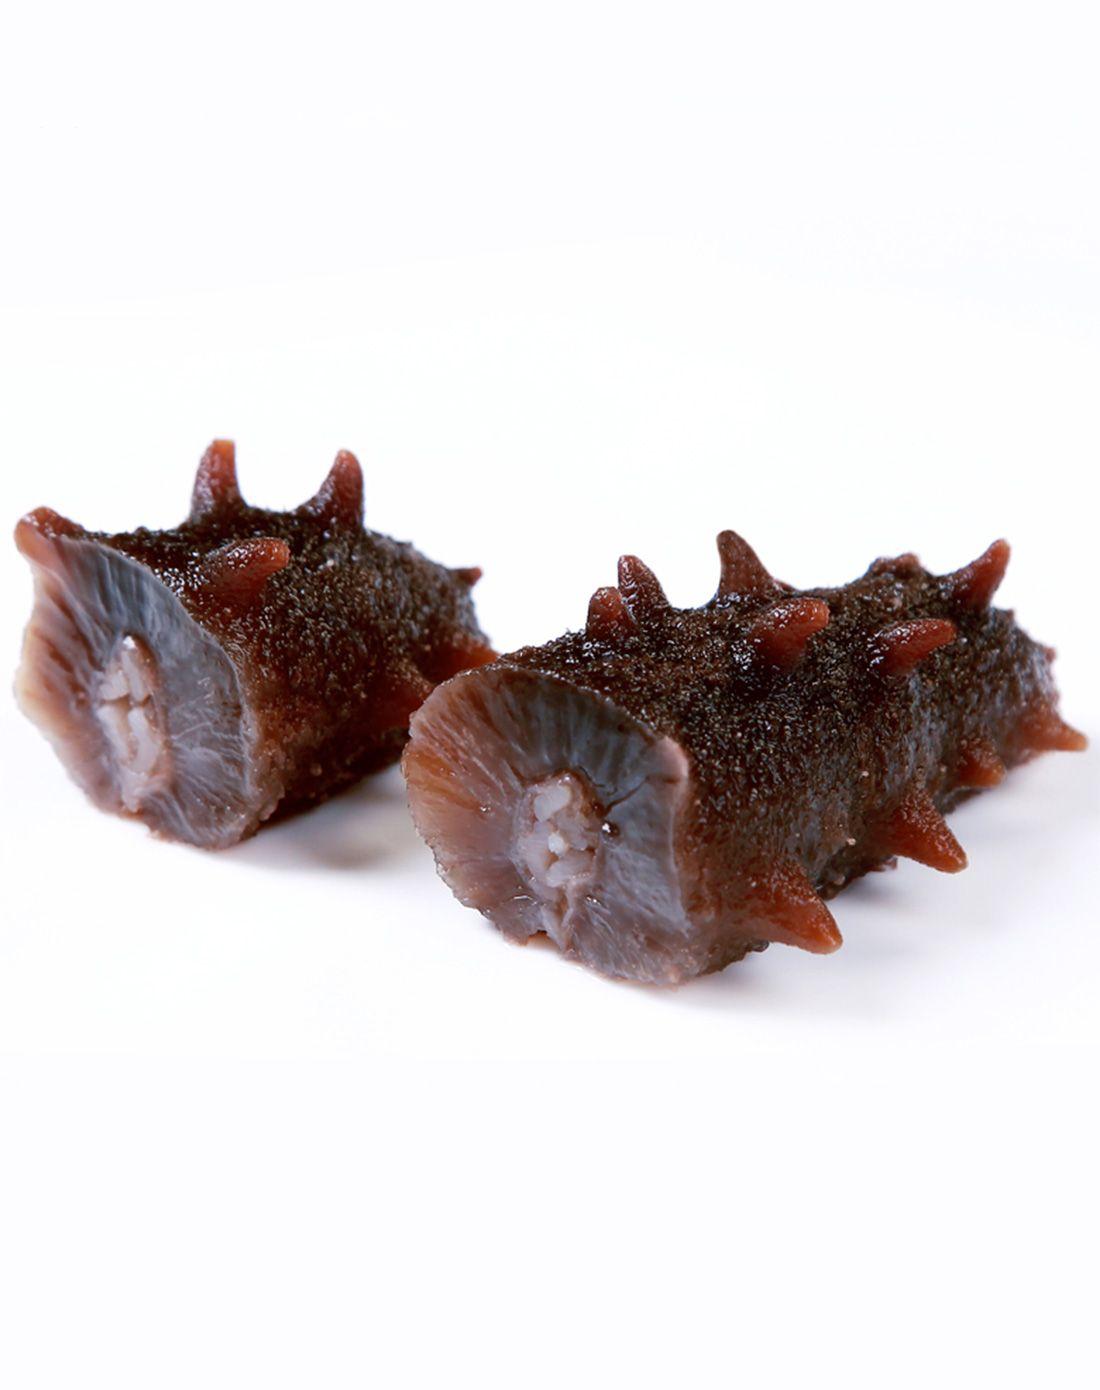 深海捕捞即食海参500g